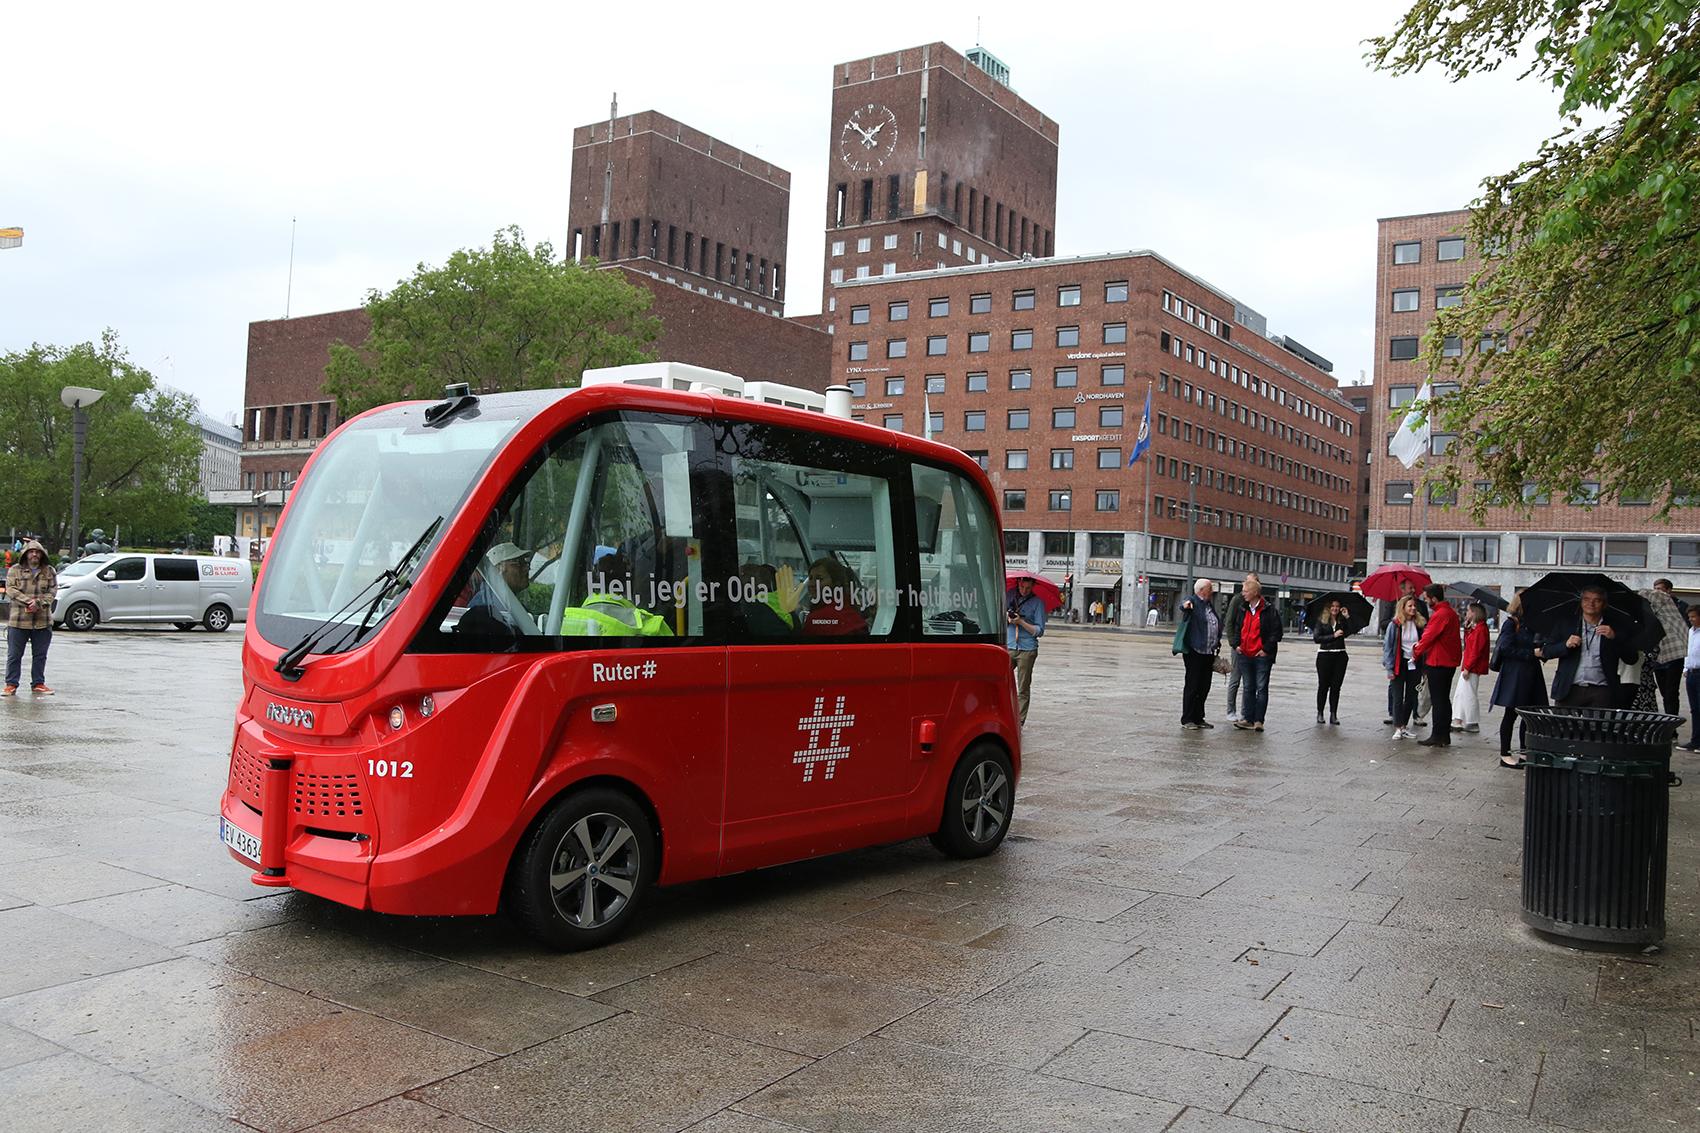 Nå har Oslo selvkjørende busser